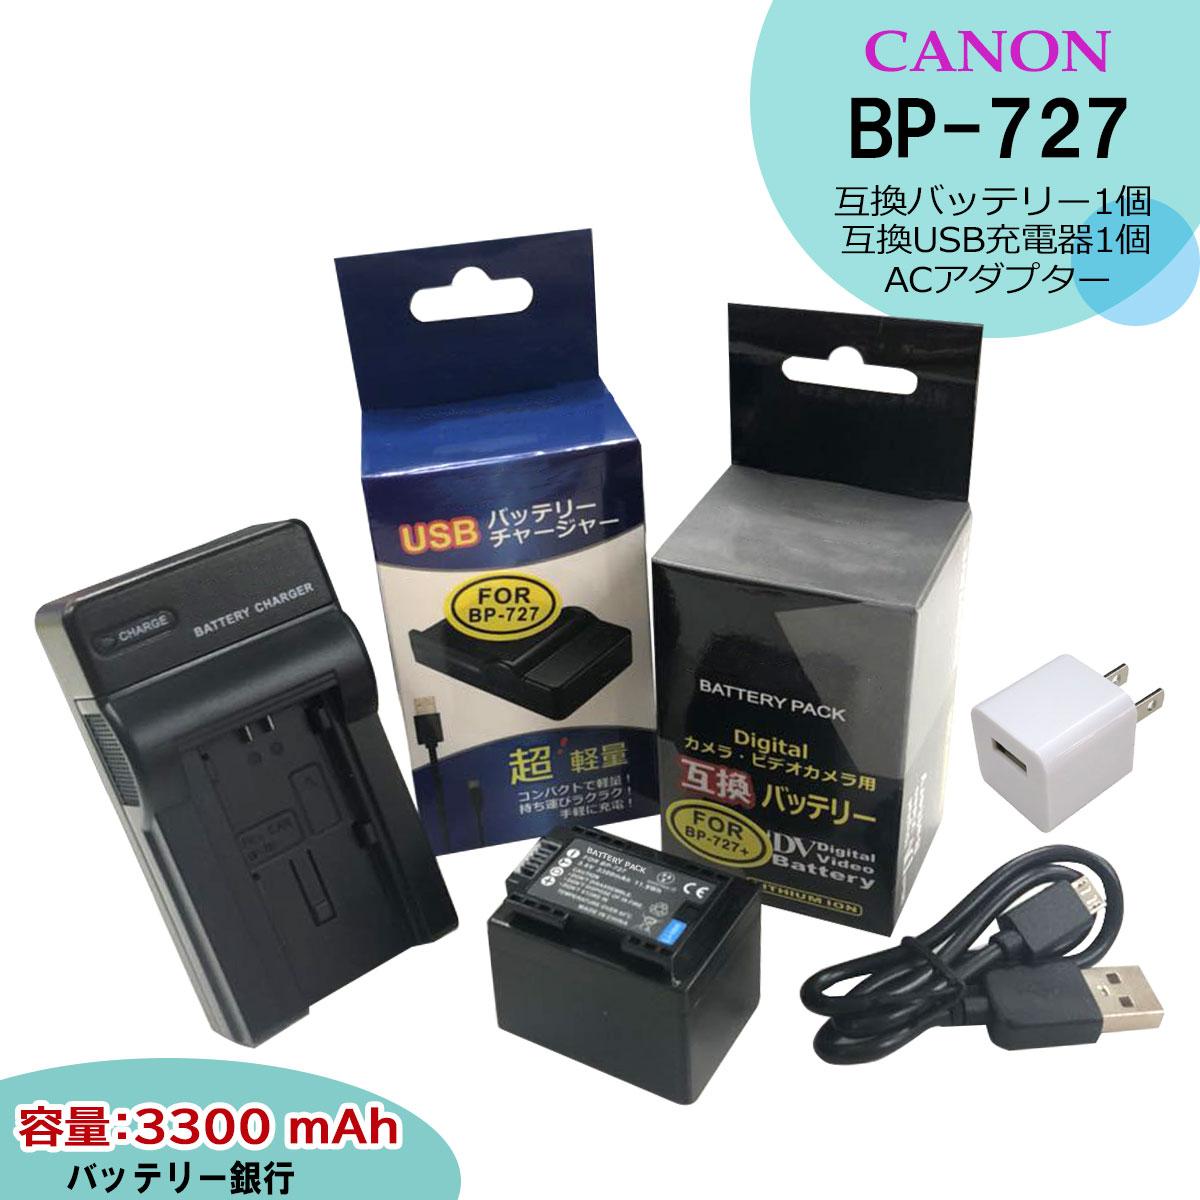 ★コンセント充電可能★ キャノン BP-727 互換バッテリー 1個と 互換USB充電器の2点セット(残量表示可能)iVIS HF M52 / iVIS HF M